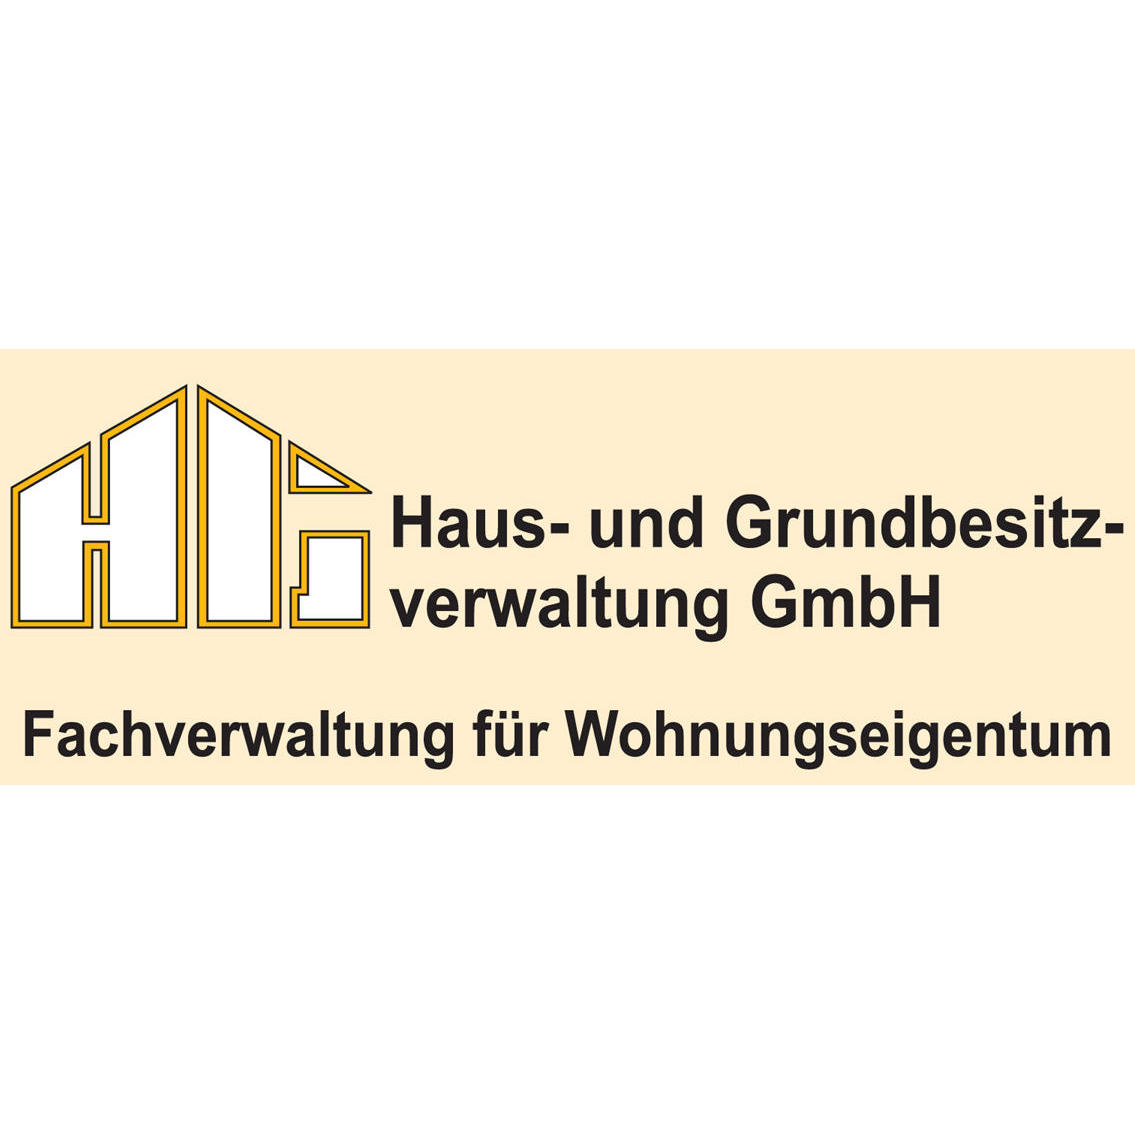 Haus und Grundbesitzverwaltung GmbH